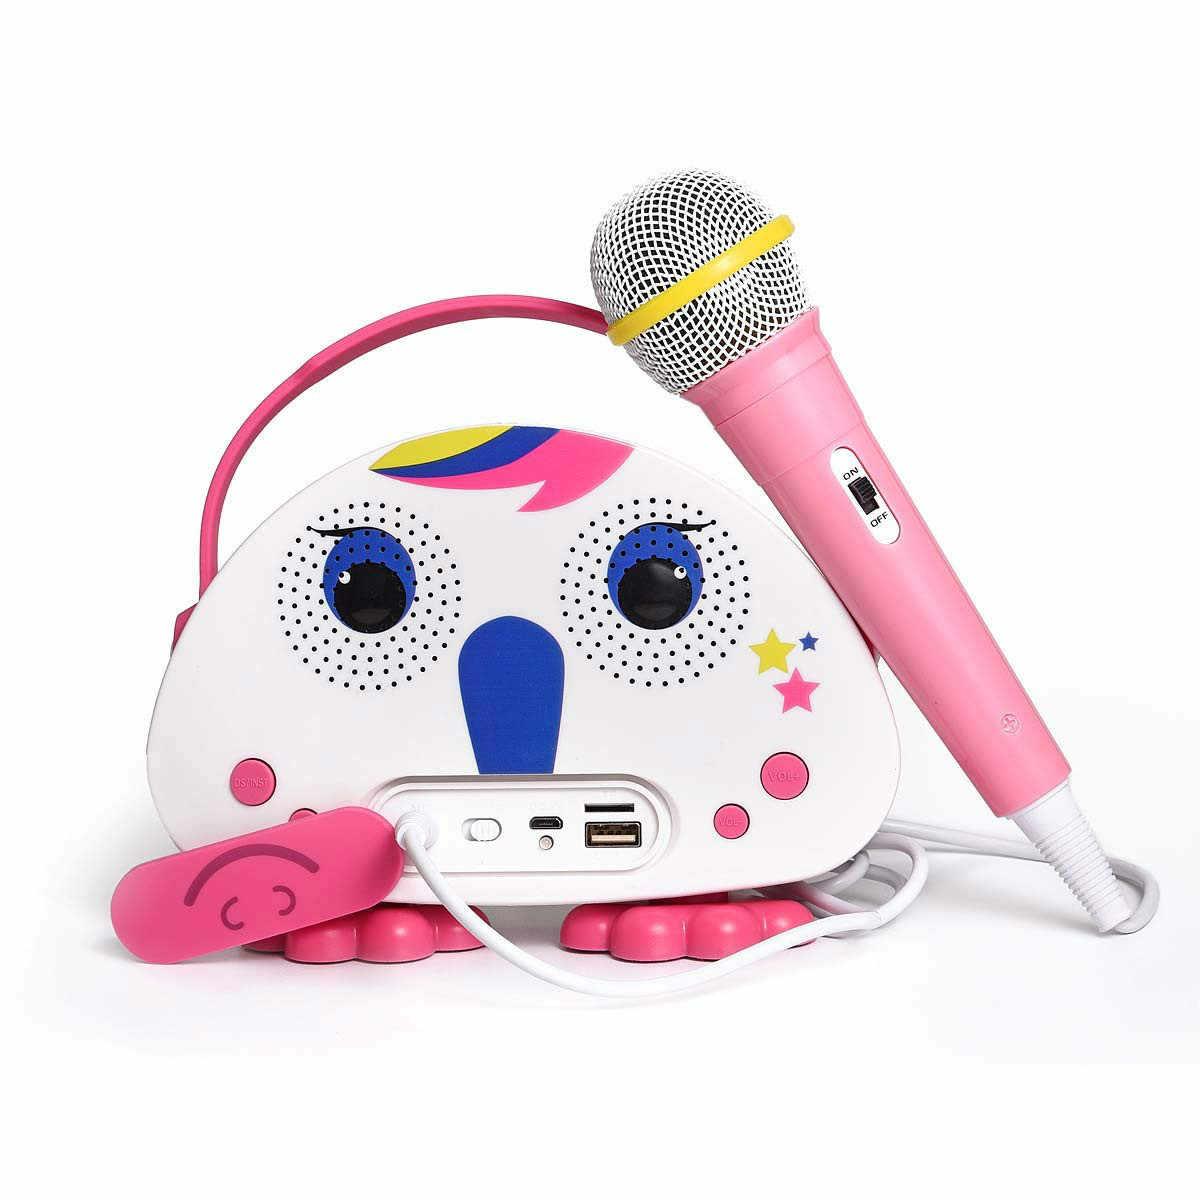 детский микрофон караоке с флешкой купить